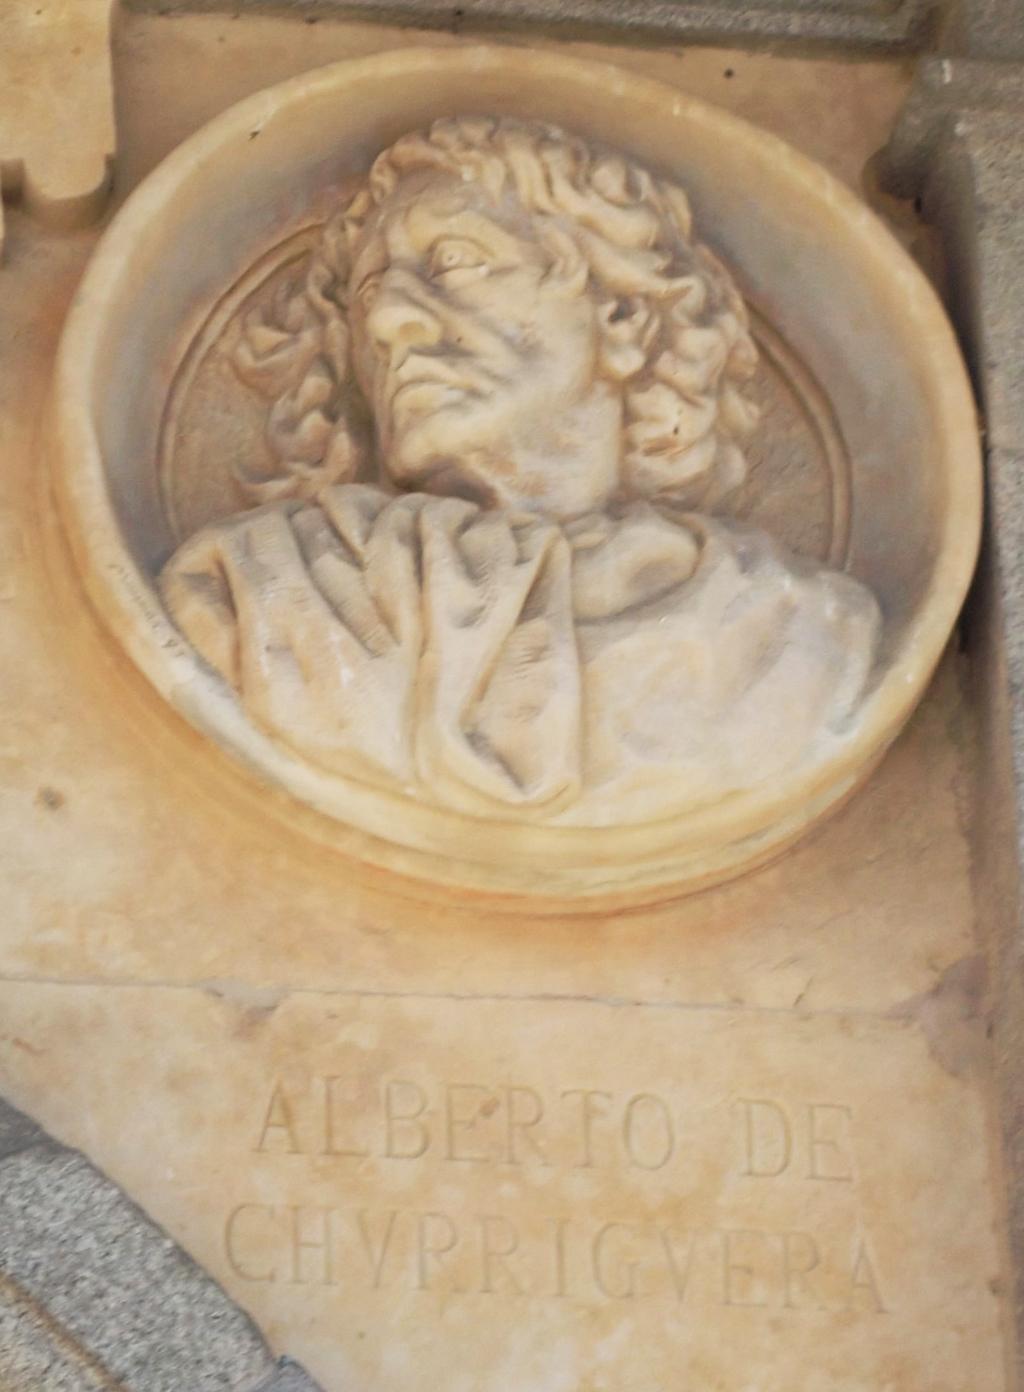 Pabellón Consistorial medallón 16 Alberto de Churriguera.jpg